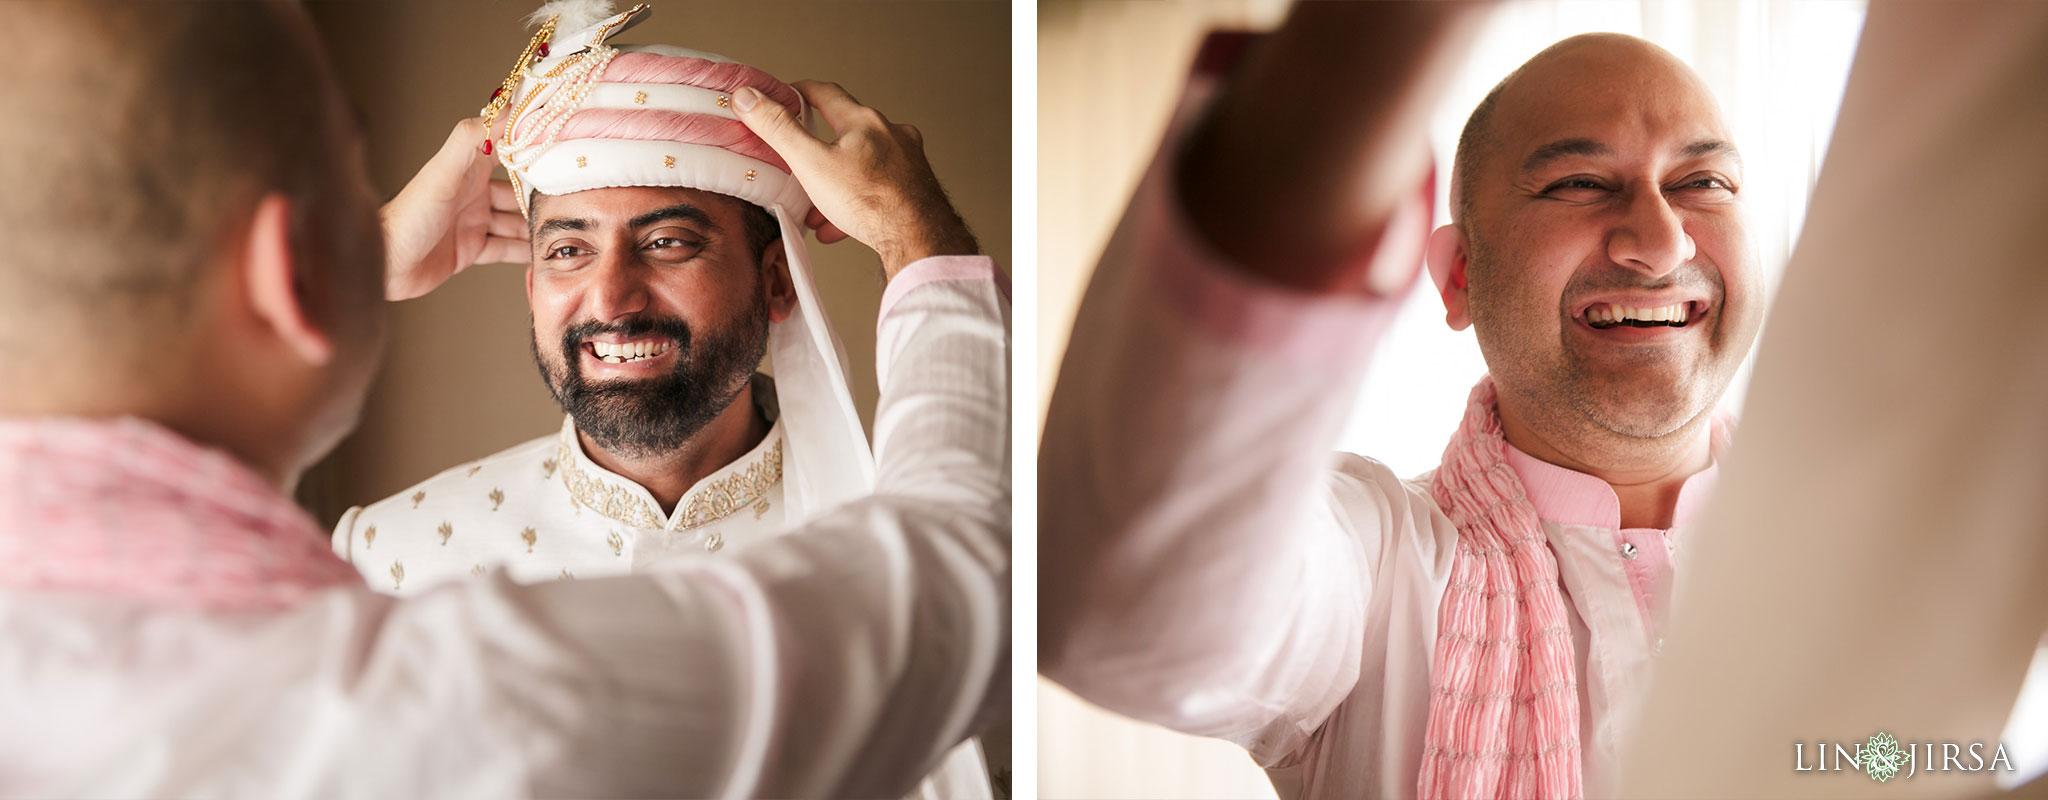 11 Hotel Irvine Indian Wedding Photography